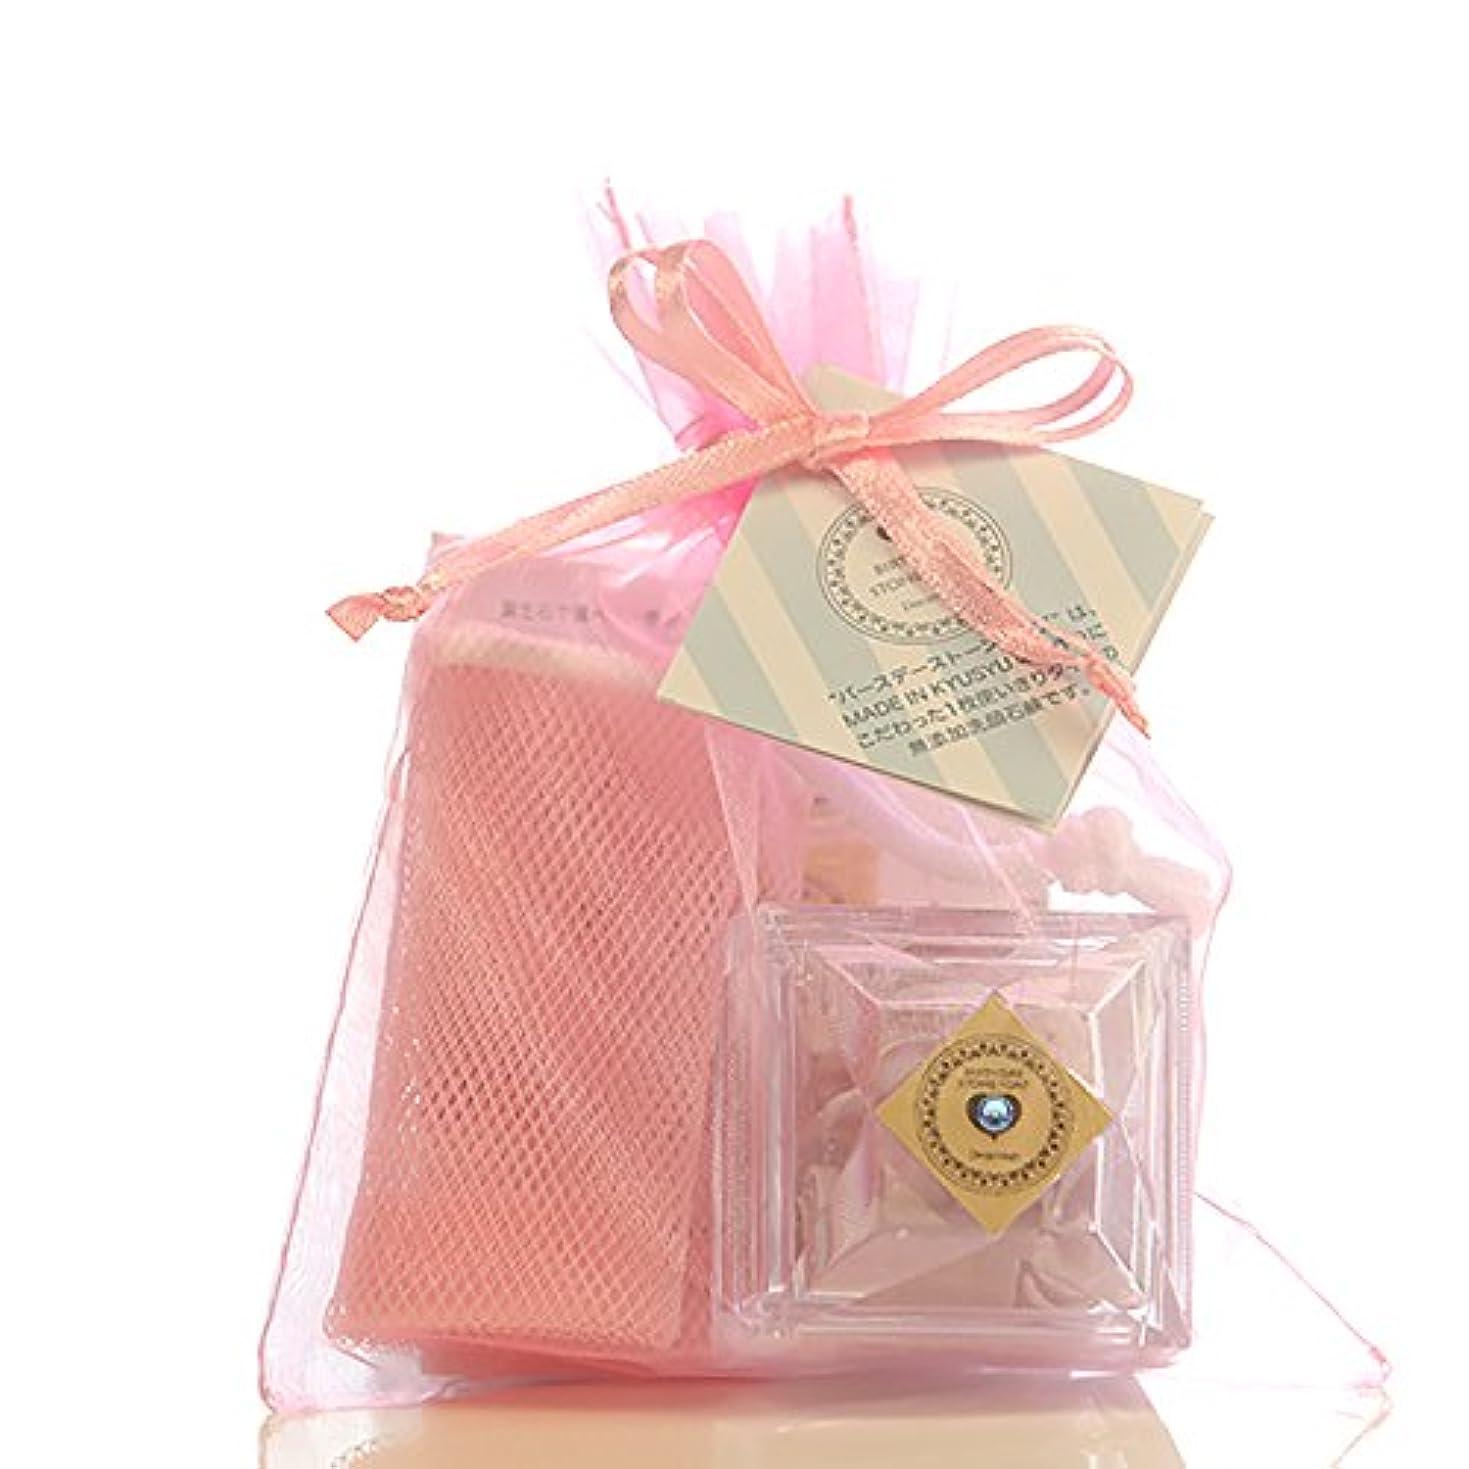 農場ドック選択する誕生月で選べるバースデーストーンソープ プレミアムアルガンmini プチギフト(3月 アクアマリン)(ラズベリーの香り)